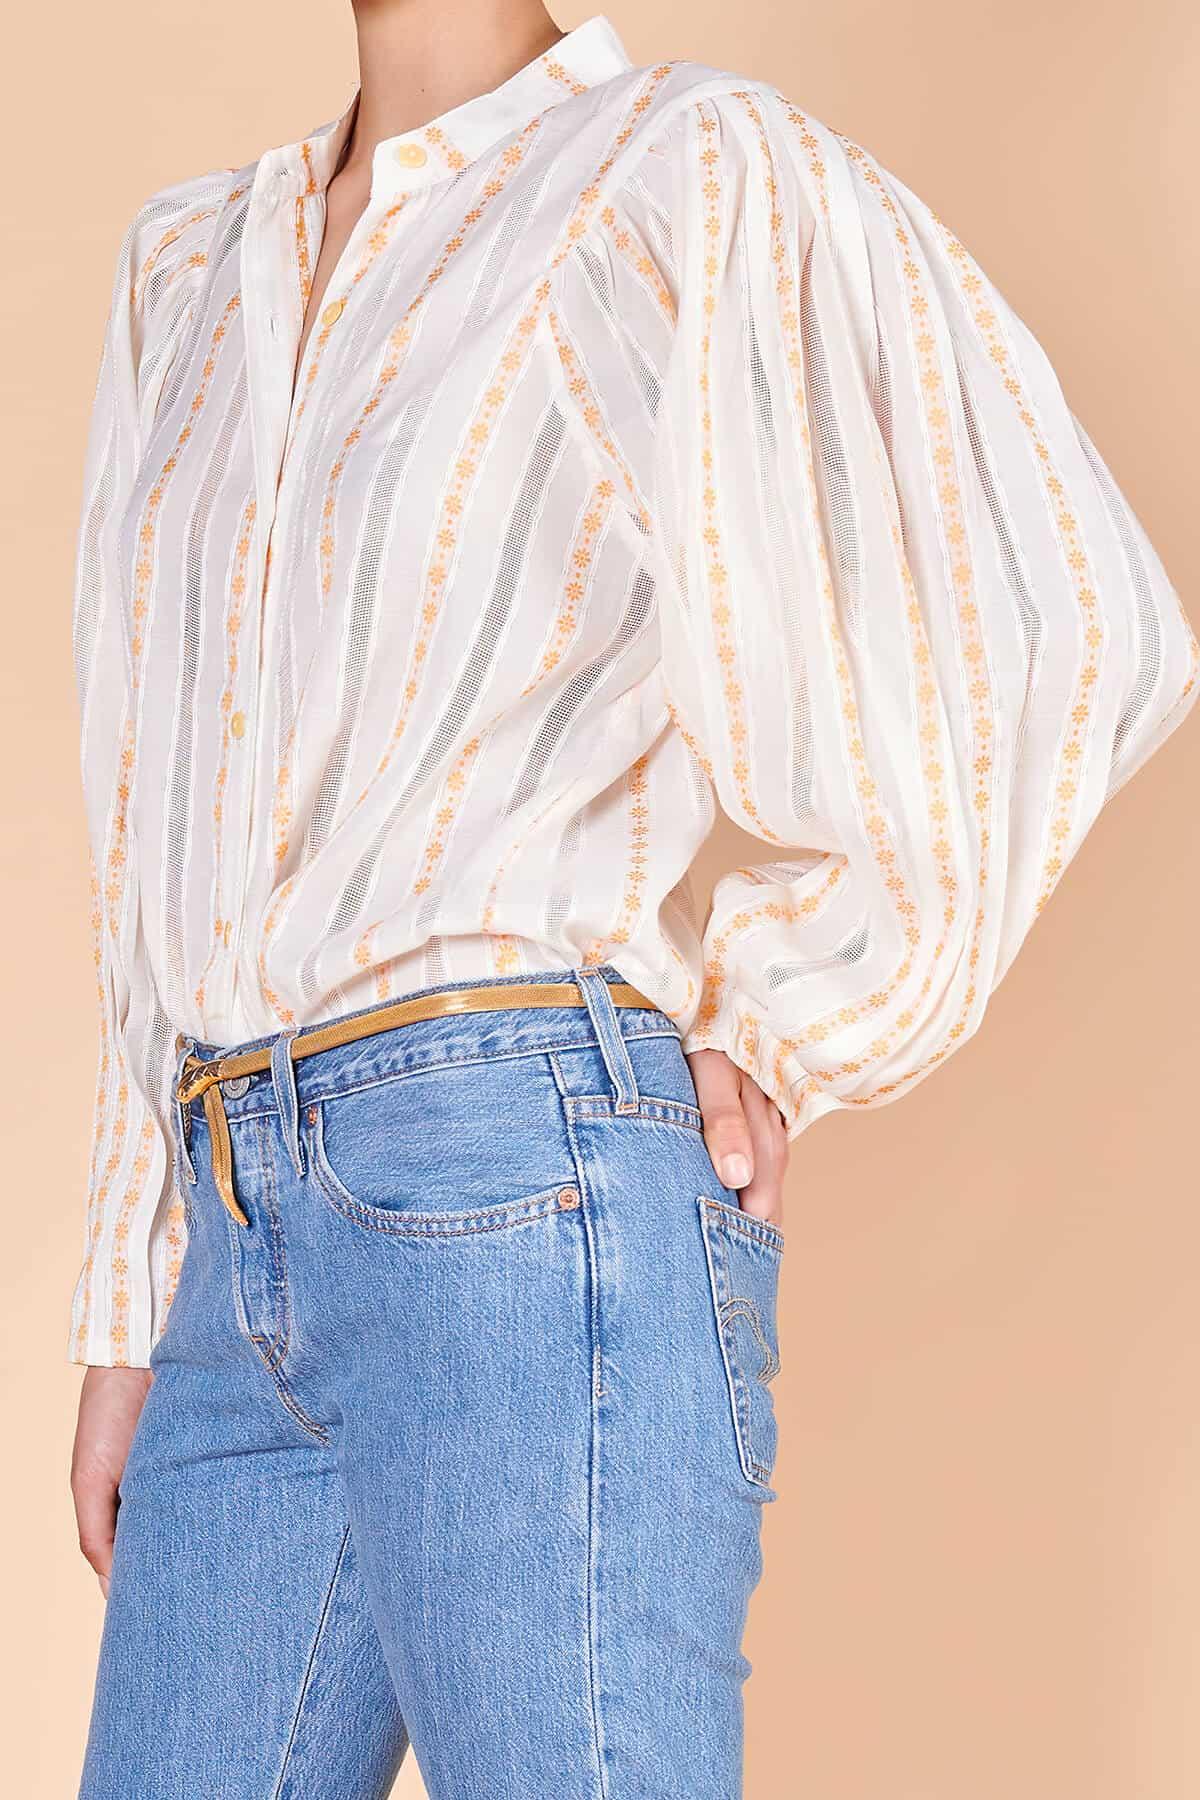 80lerin omuz ve kol kesimini taşıyan poplin çizgili bluz